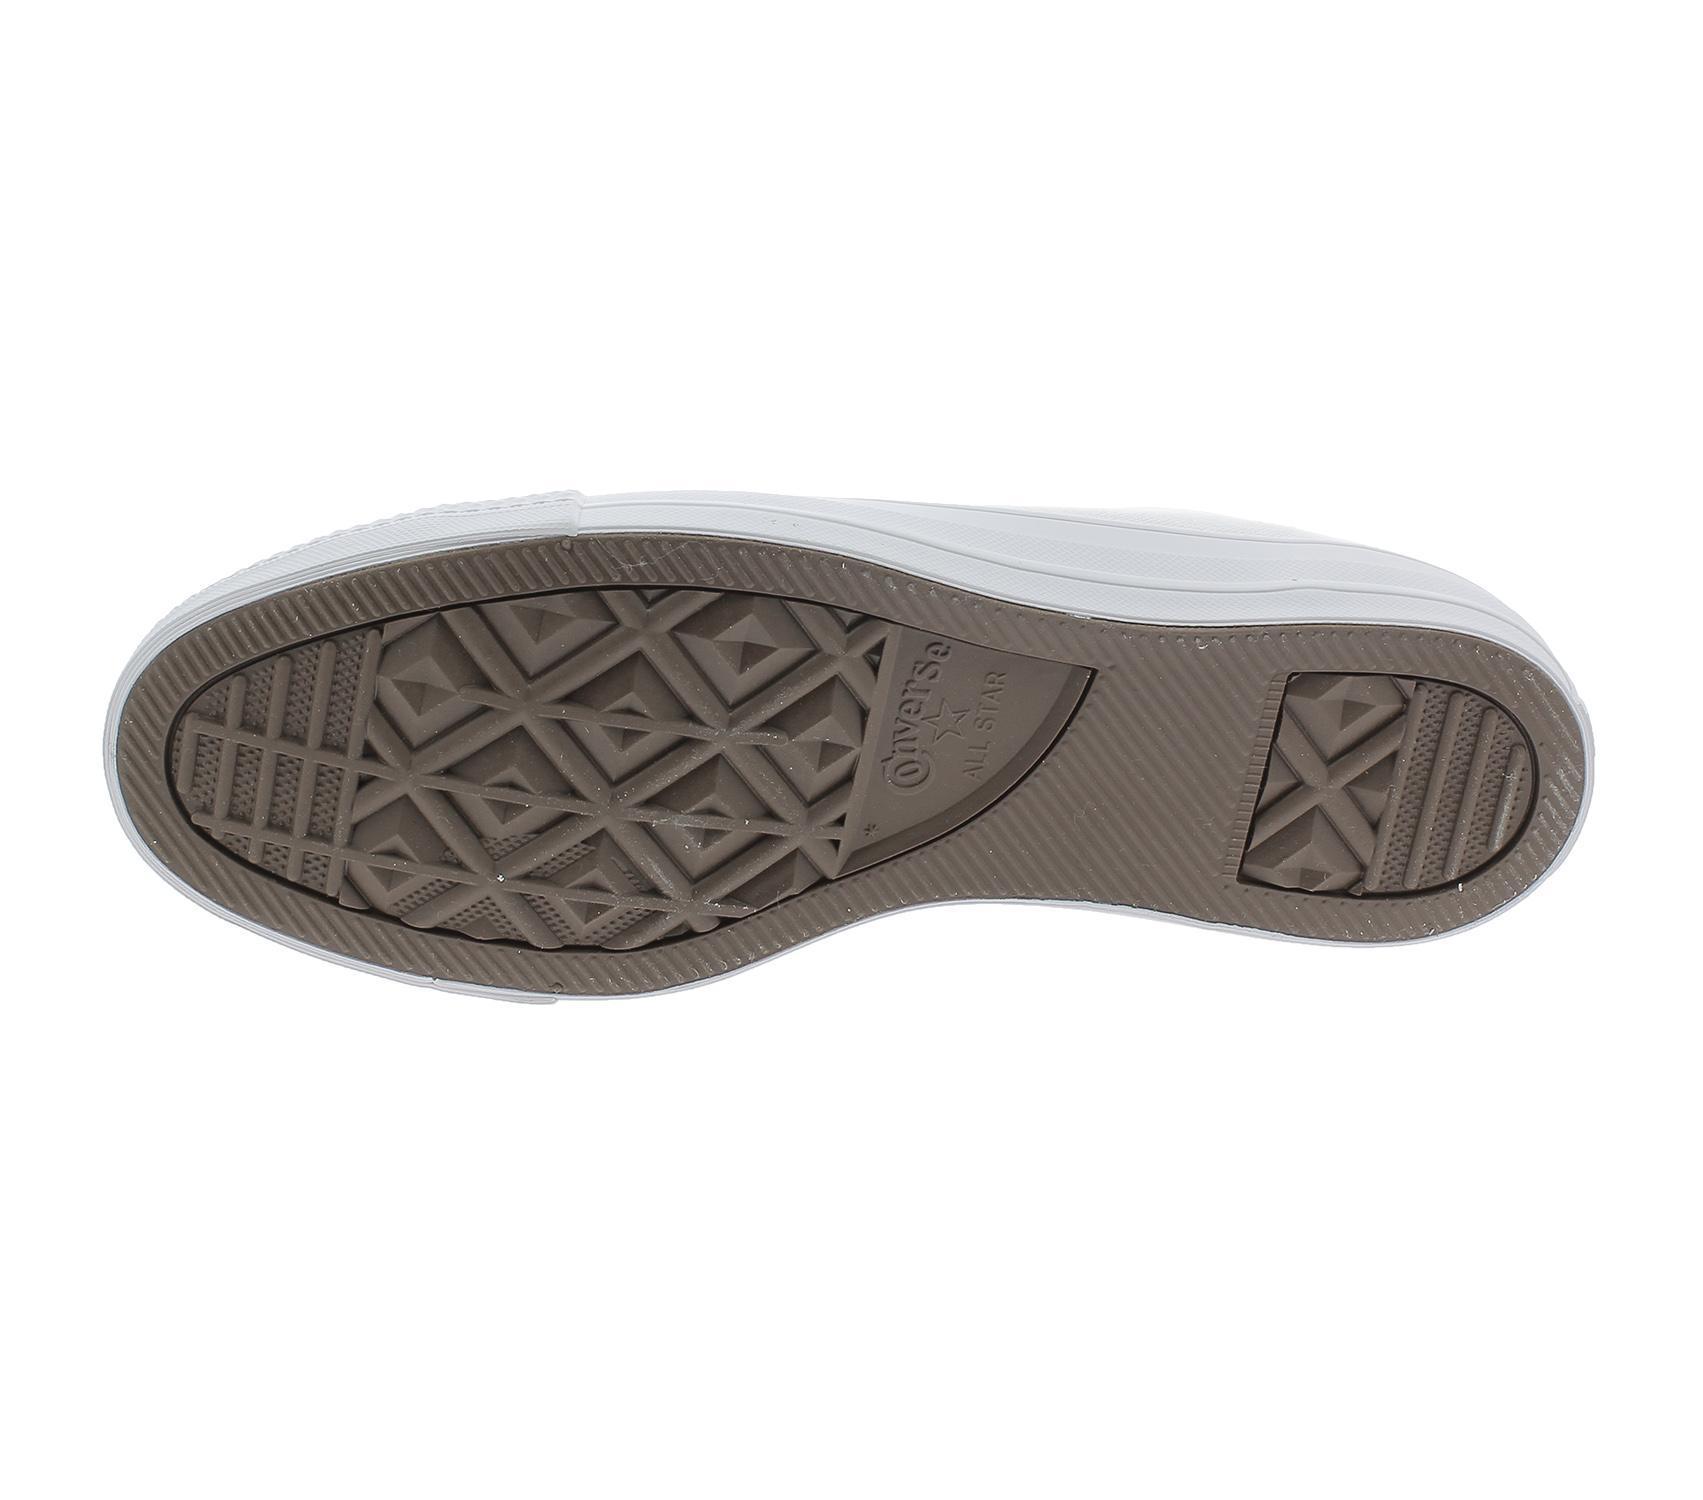 converse all star ct as sp ox scarpe sportive bianche 1u647